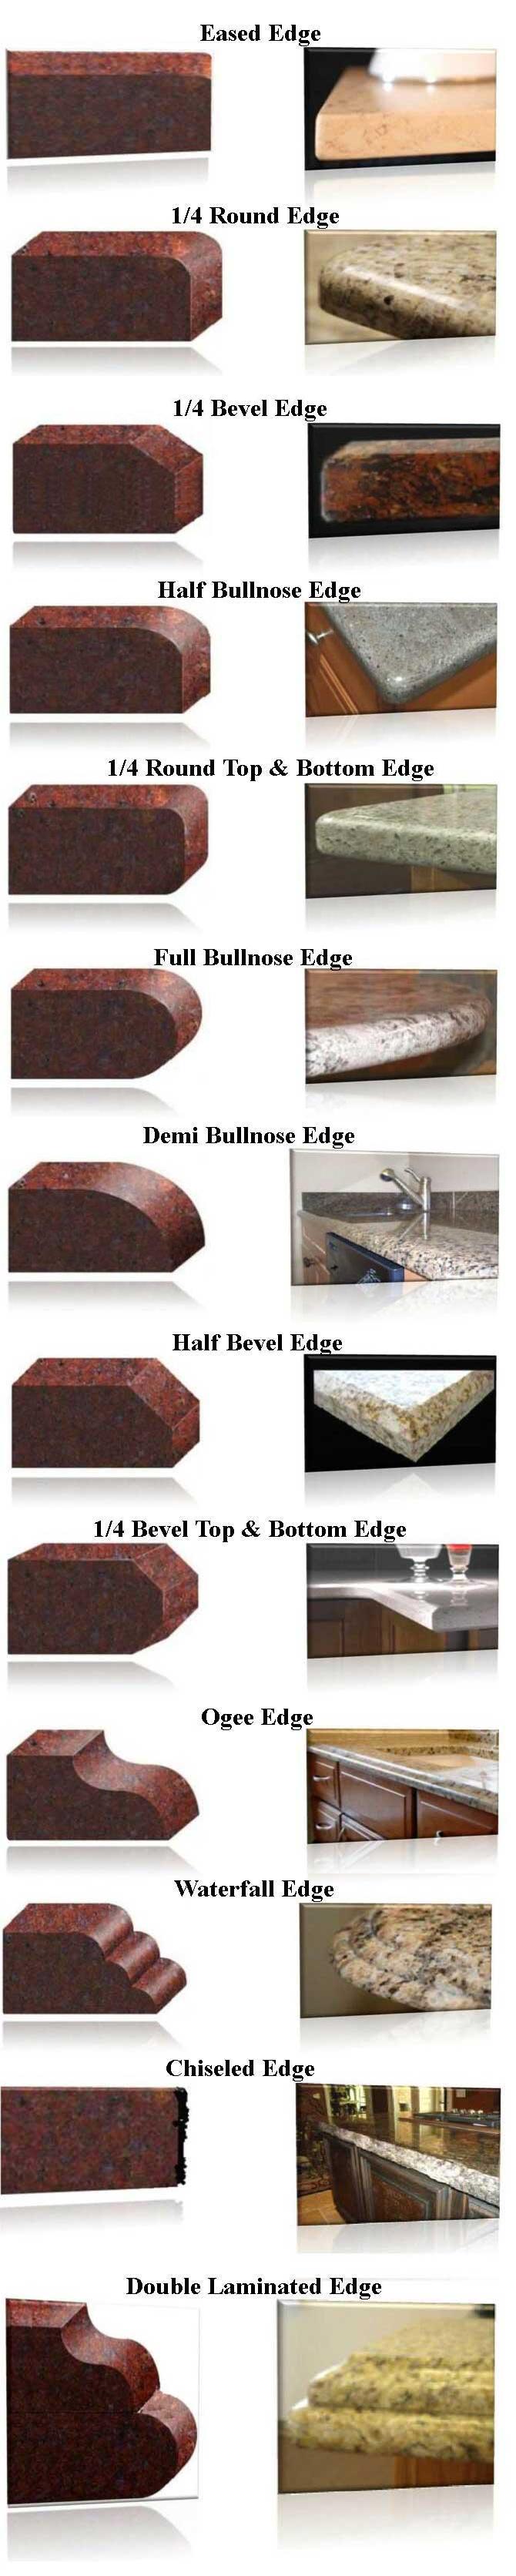 Edge Profiles